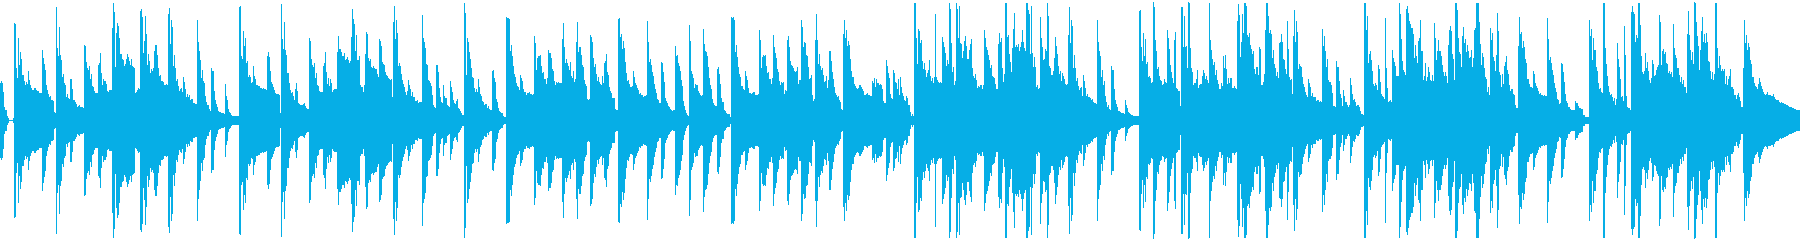 アングラショップのようなダーティBGMの再生済みの波形